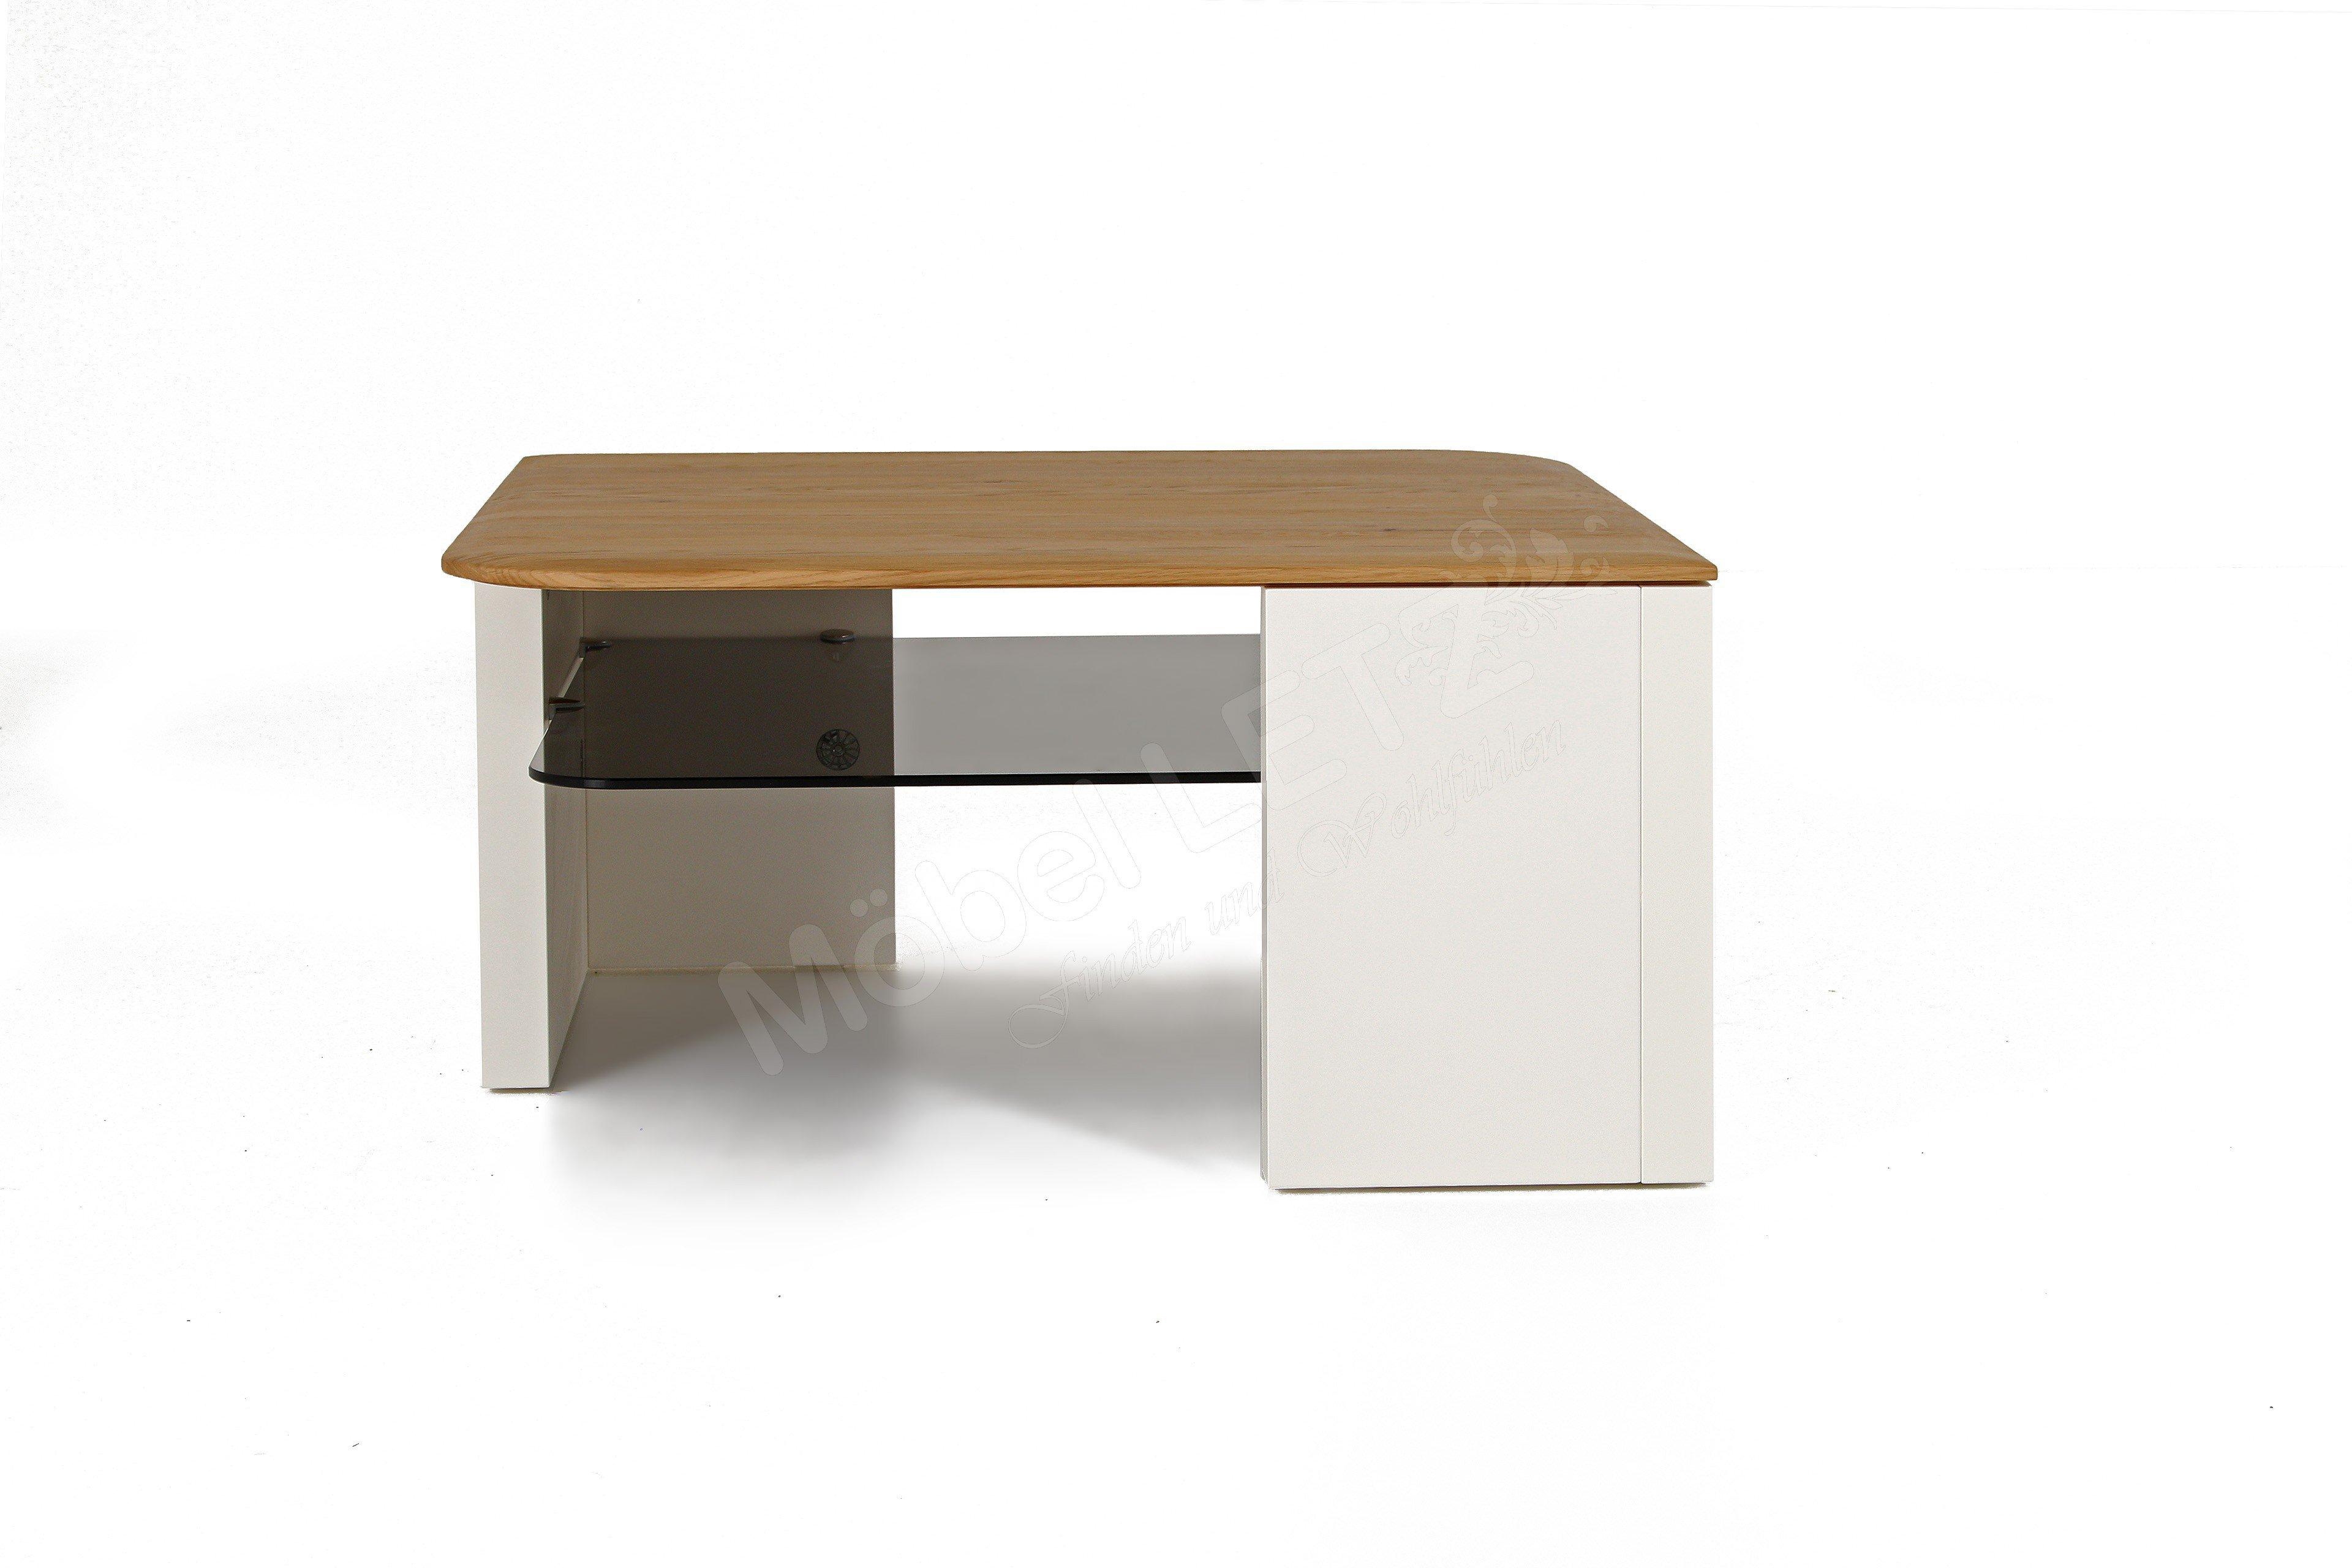 gwinner couchtisch ct85n asteiche wei m bel letz ihr online shop. Black Bedroom Furniture Sets. Home Design Ideas